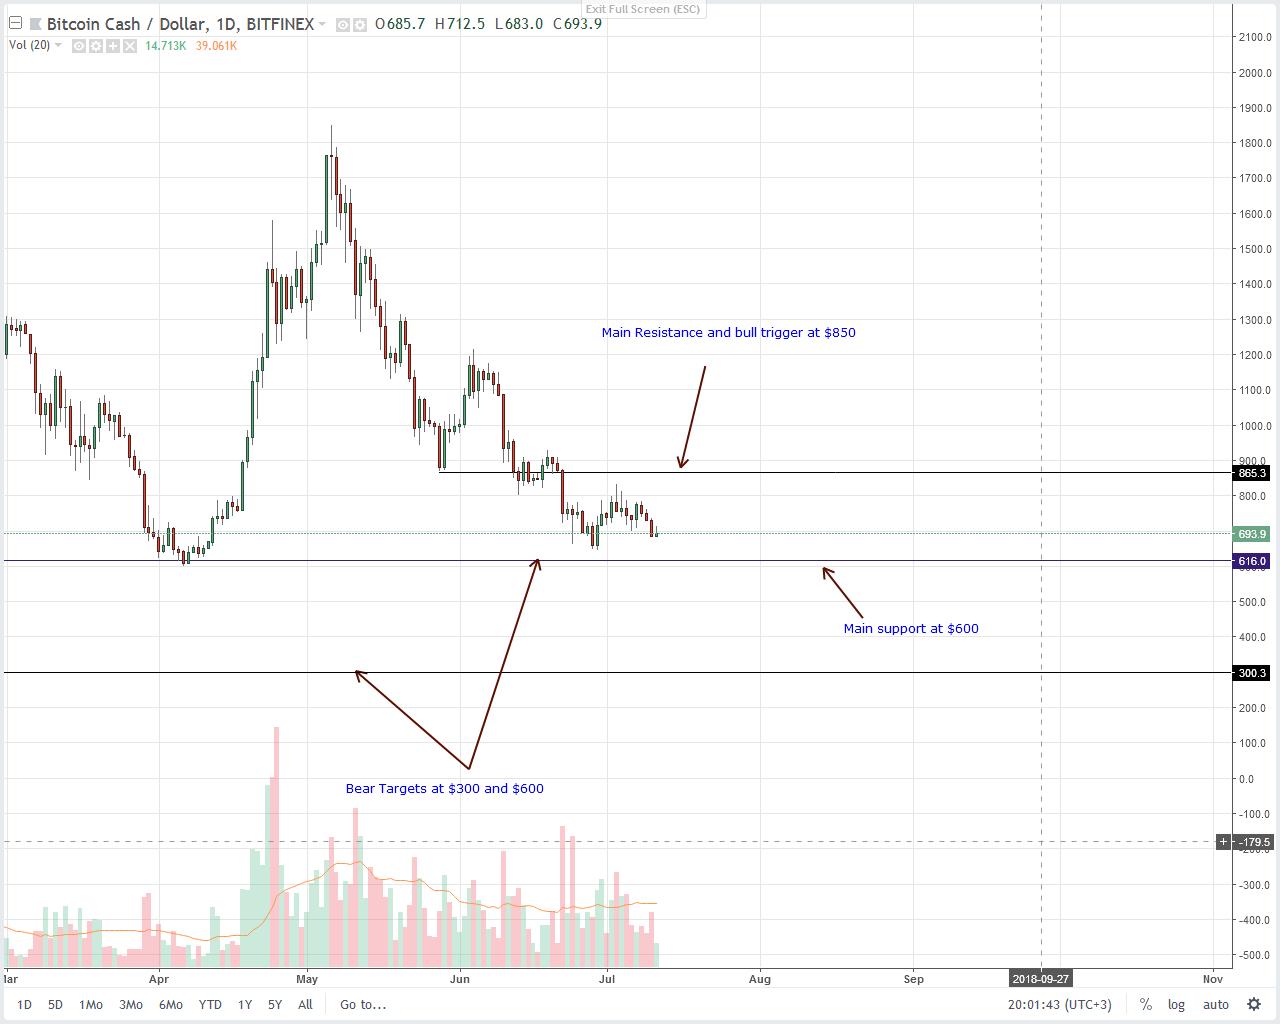 Bitcoin Cash (BCH) Technical Analysis